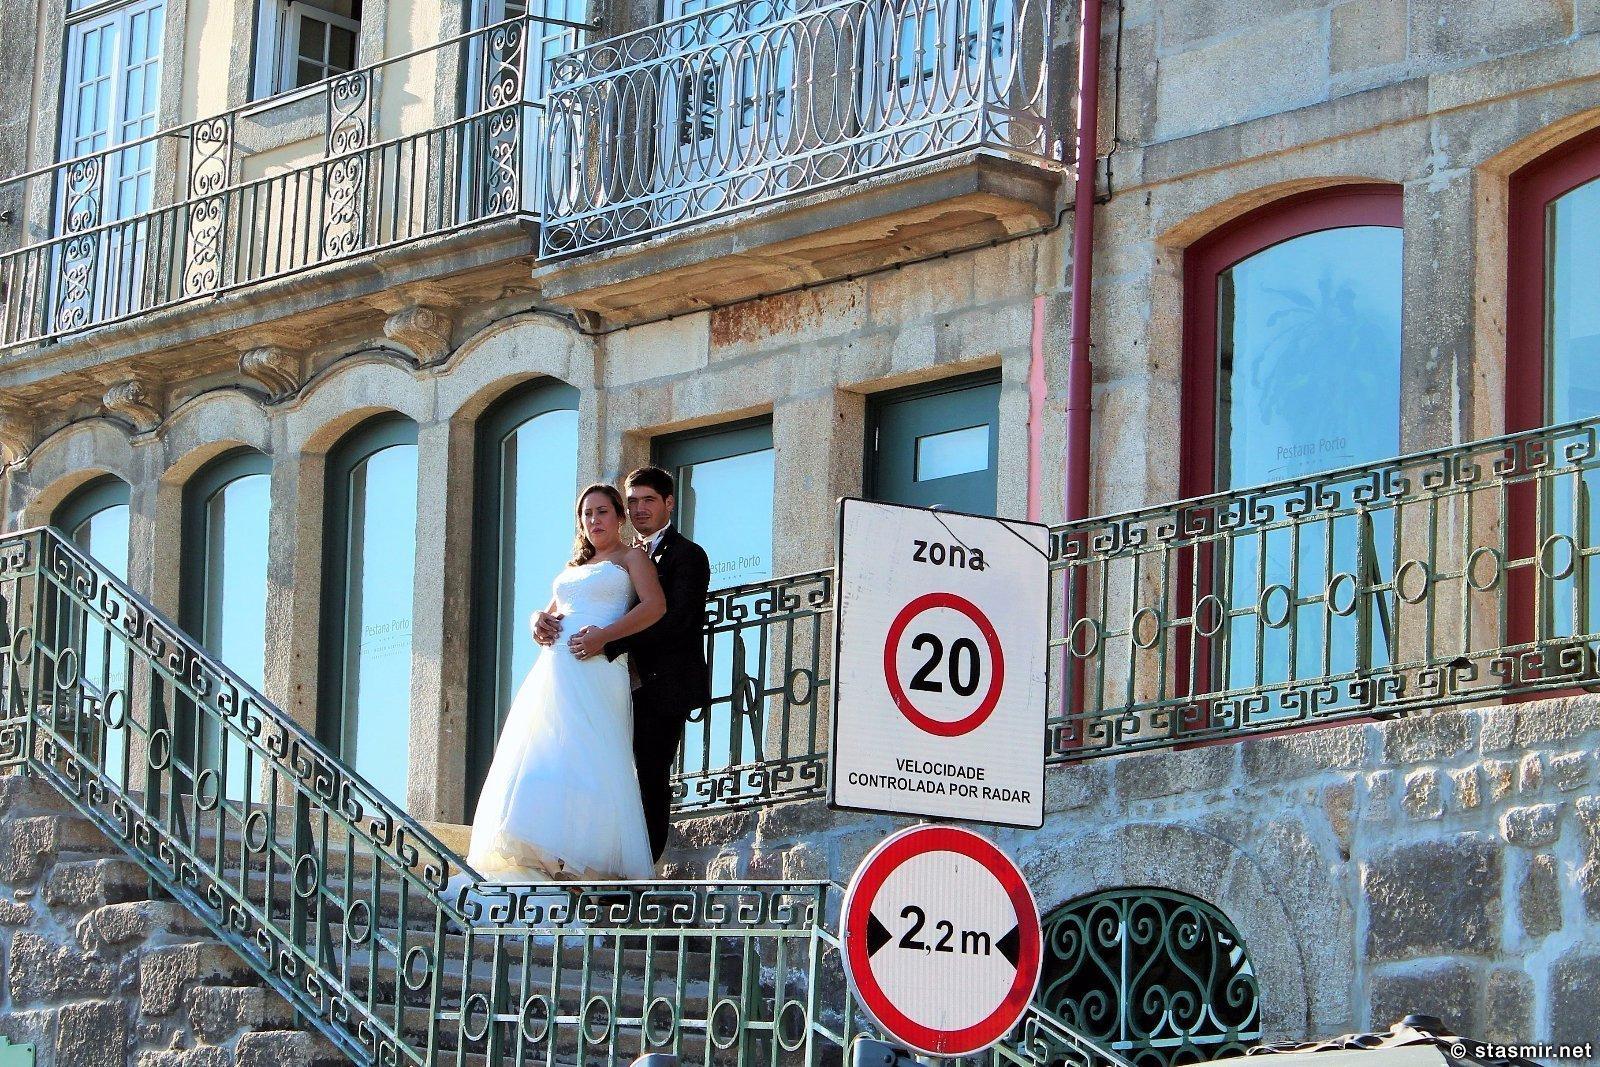 Свадьба в Португалии, квартал Рибейра в Порту, северная столица Португалии, дорожные знаки в Португалии, Photo Stasmir, фото Стасмир